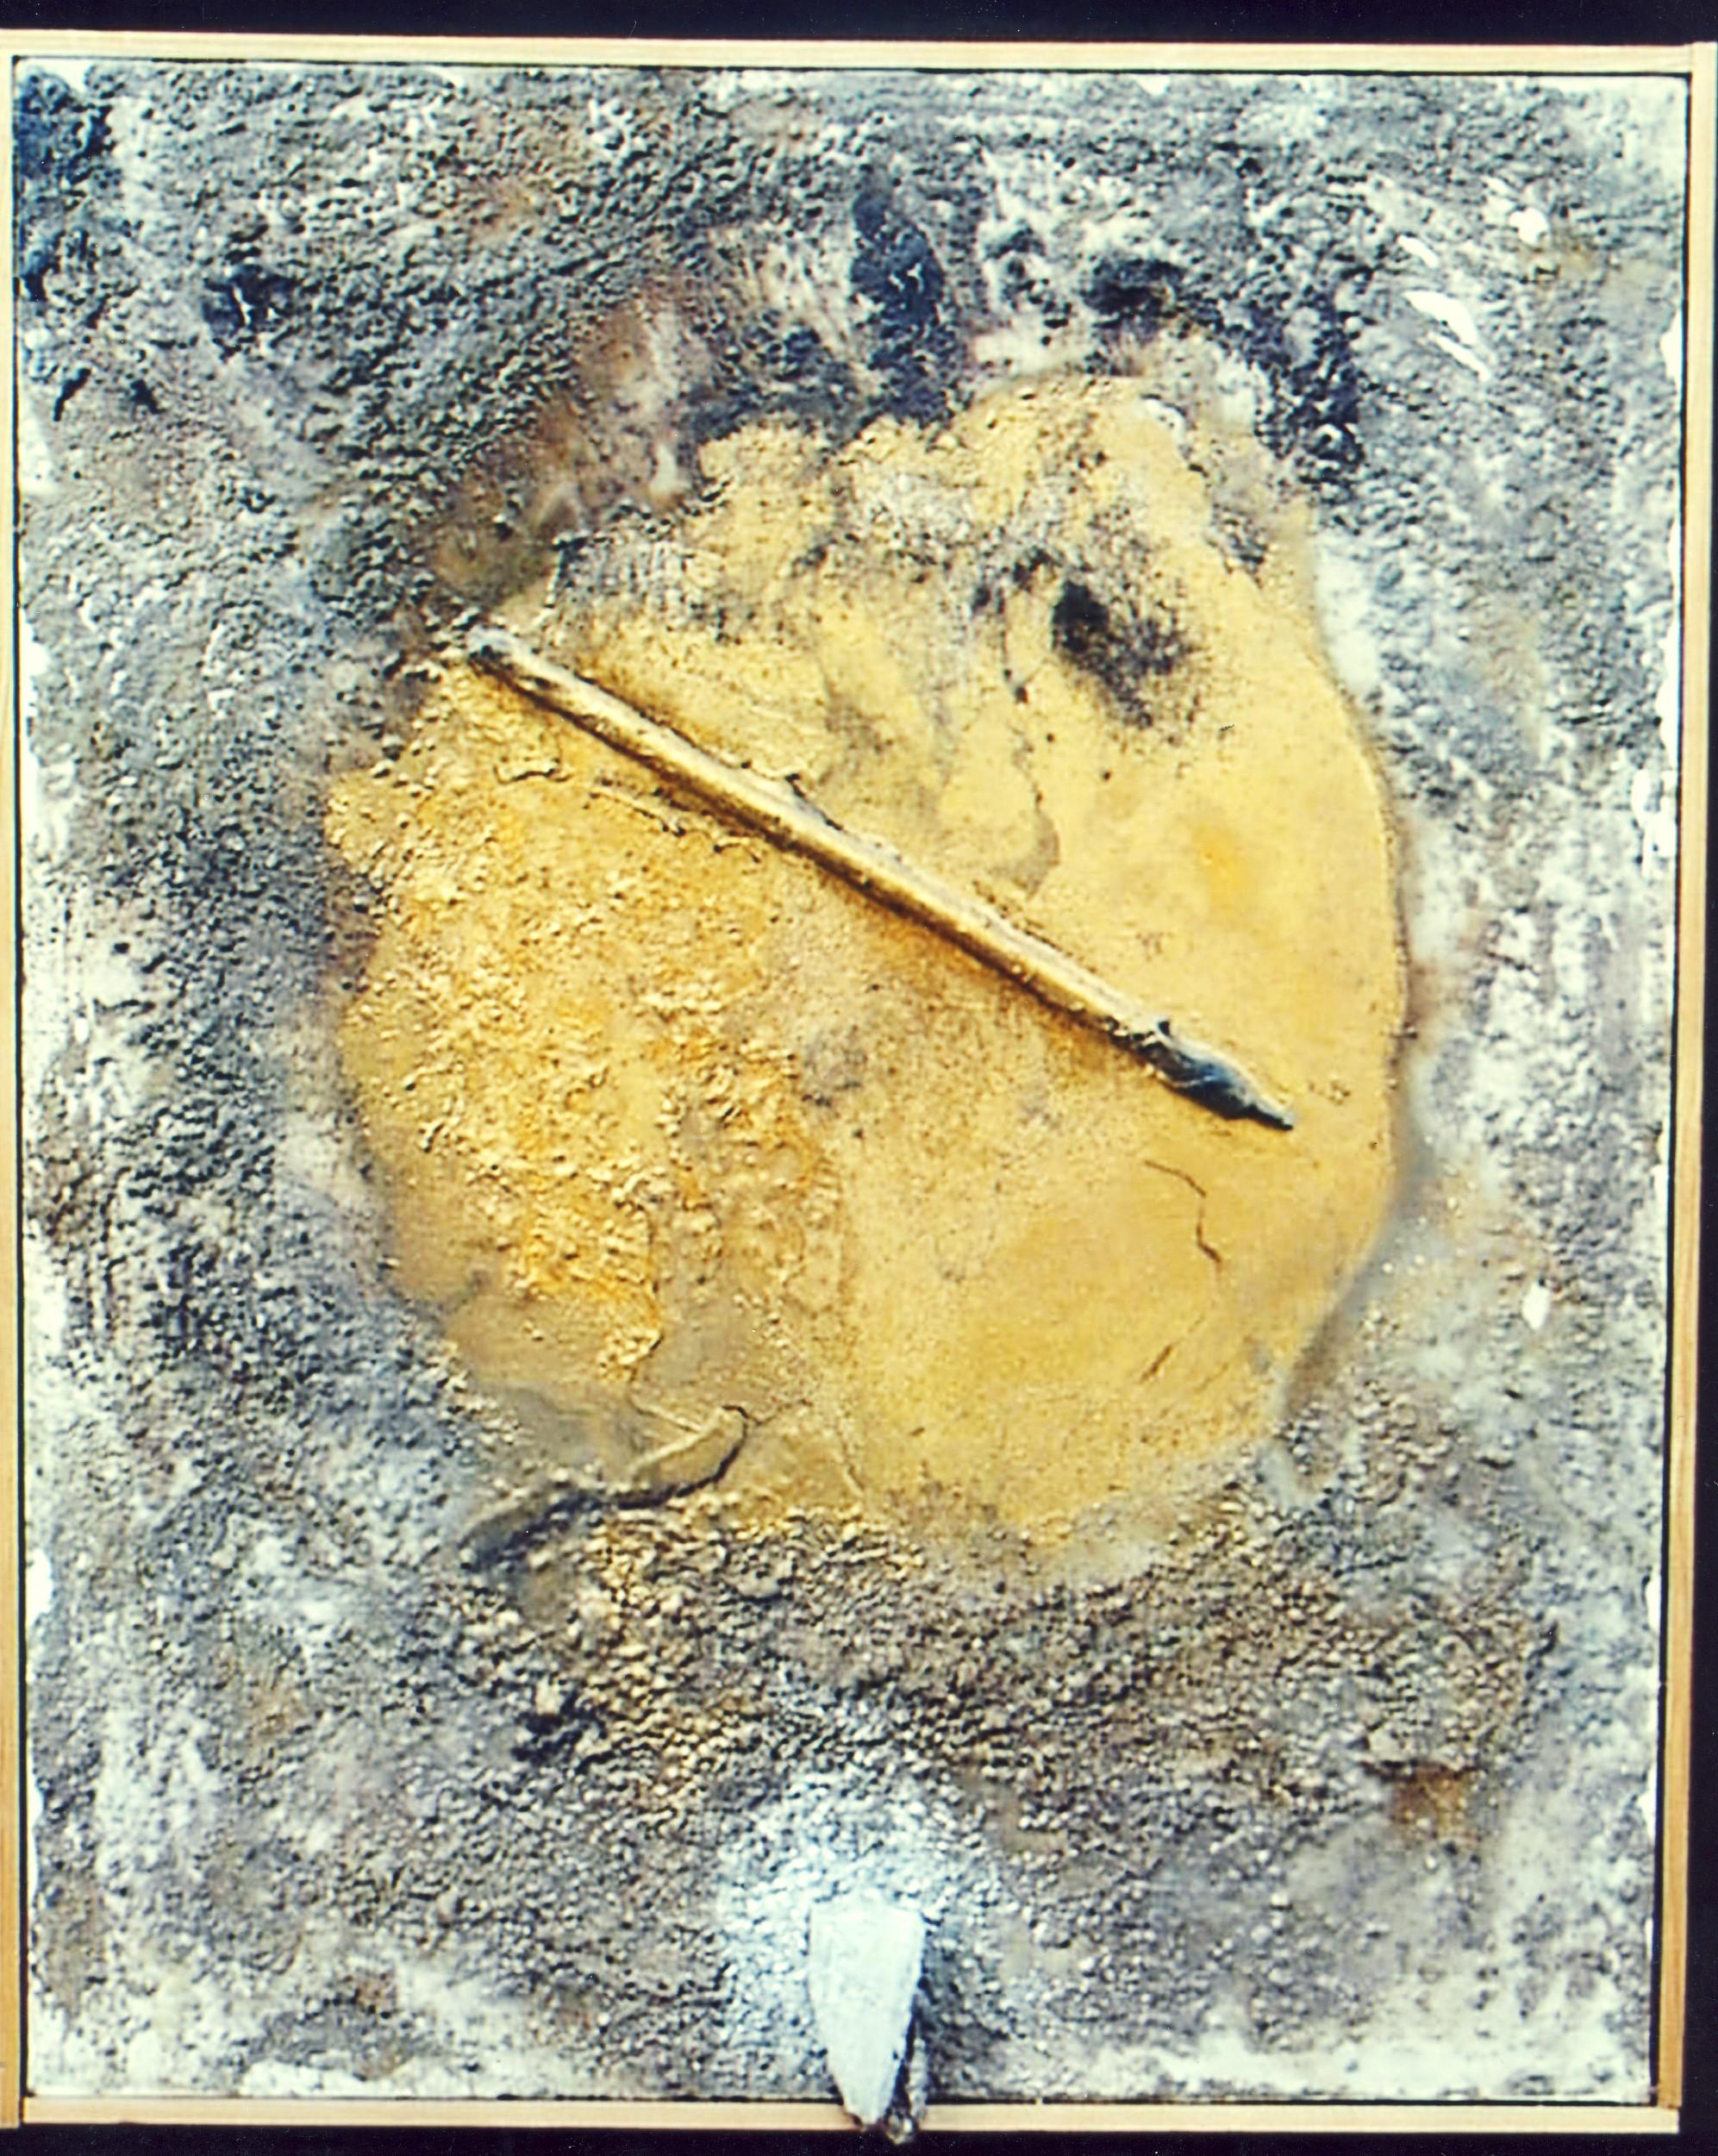 La ruota dell'ignoranza, 1969, polimaterico su tela, cm 80 x 65  La ruota dell'ignoranza, 1969, mixed media on canvas, cm 80 x 65